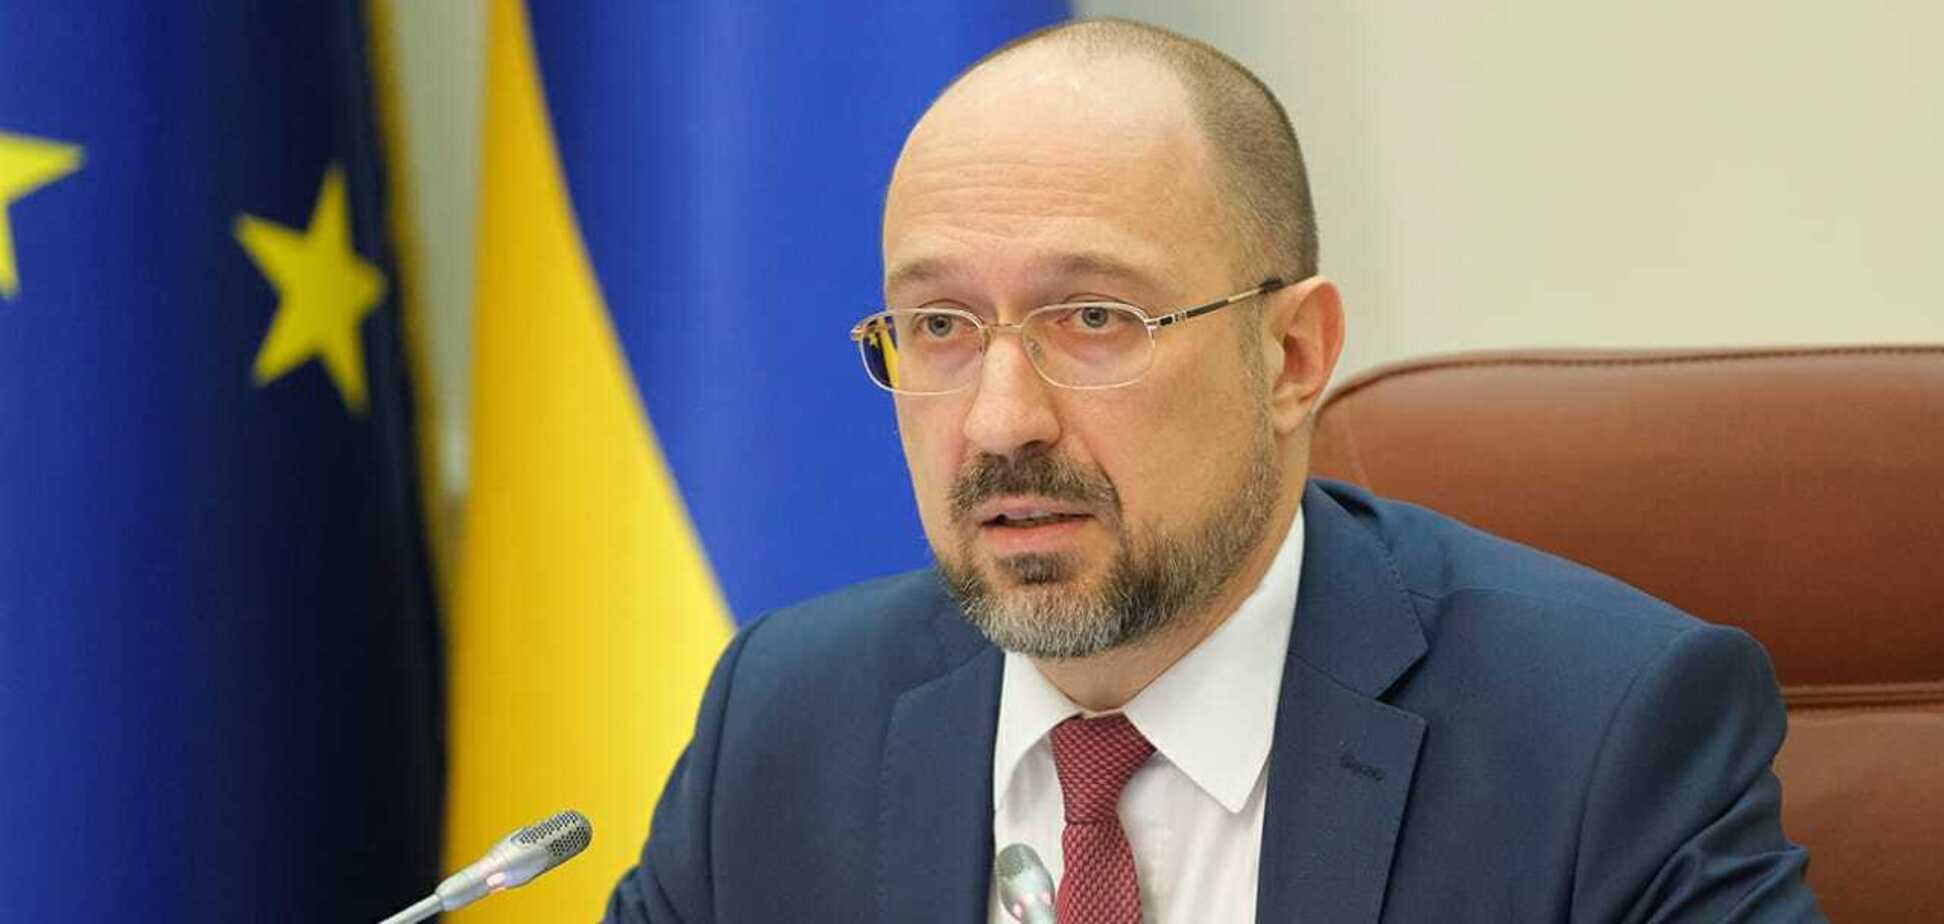 Простий приклад, як керівники України розбираються в економіці